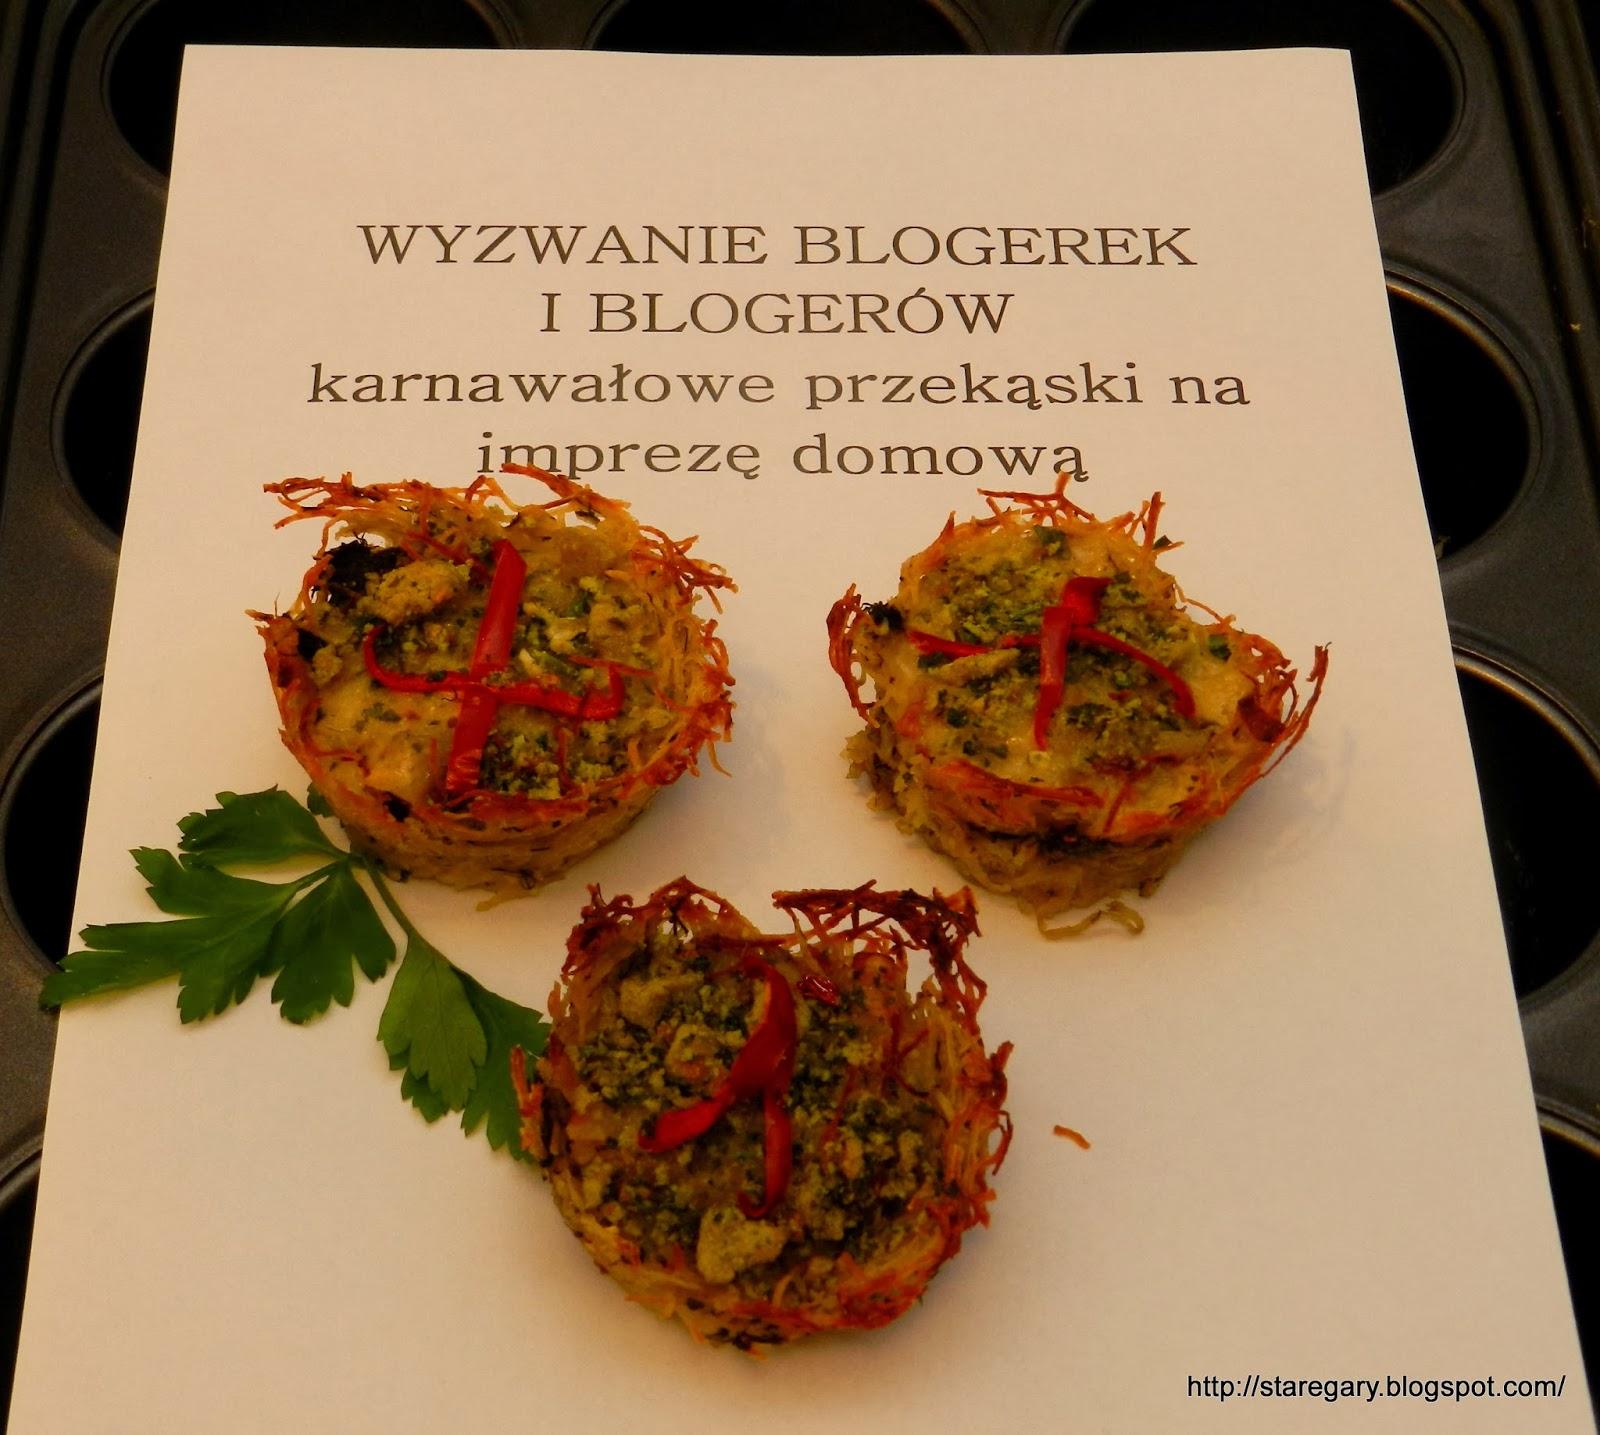 Mini quiche z ziemniaczanym spodem - Styczniowe Wyzwanie Blogerek i Blogerów